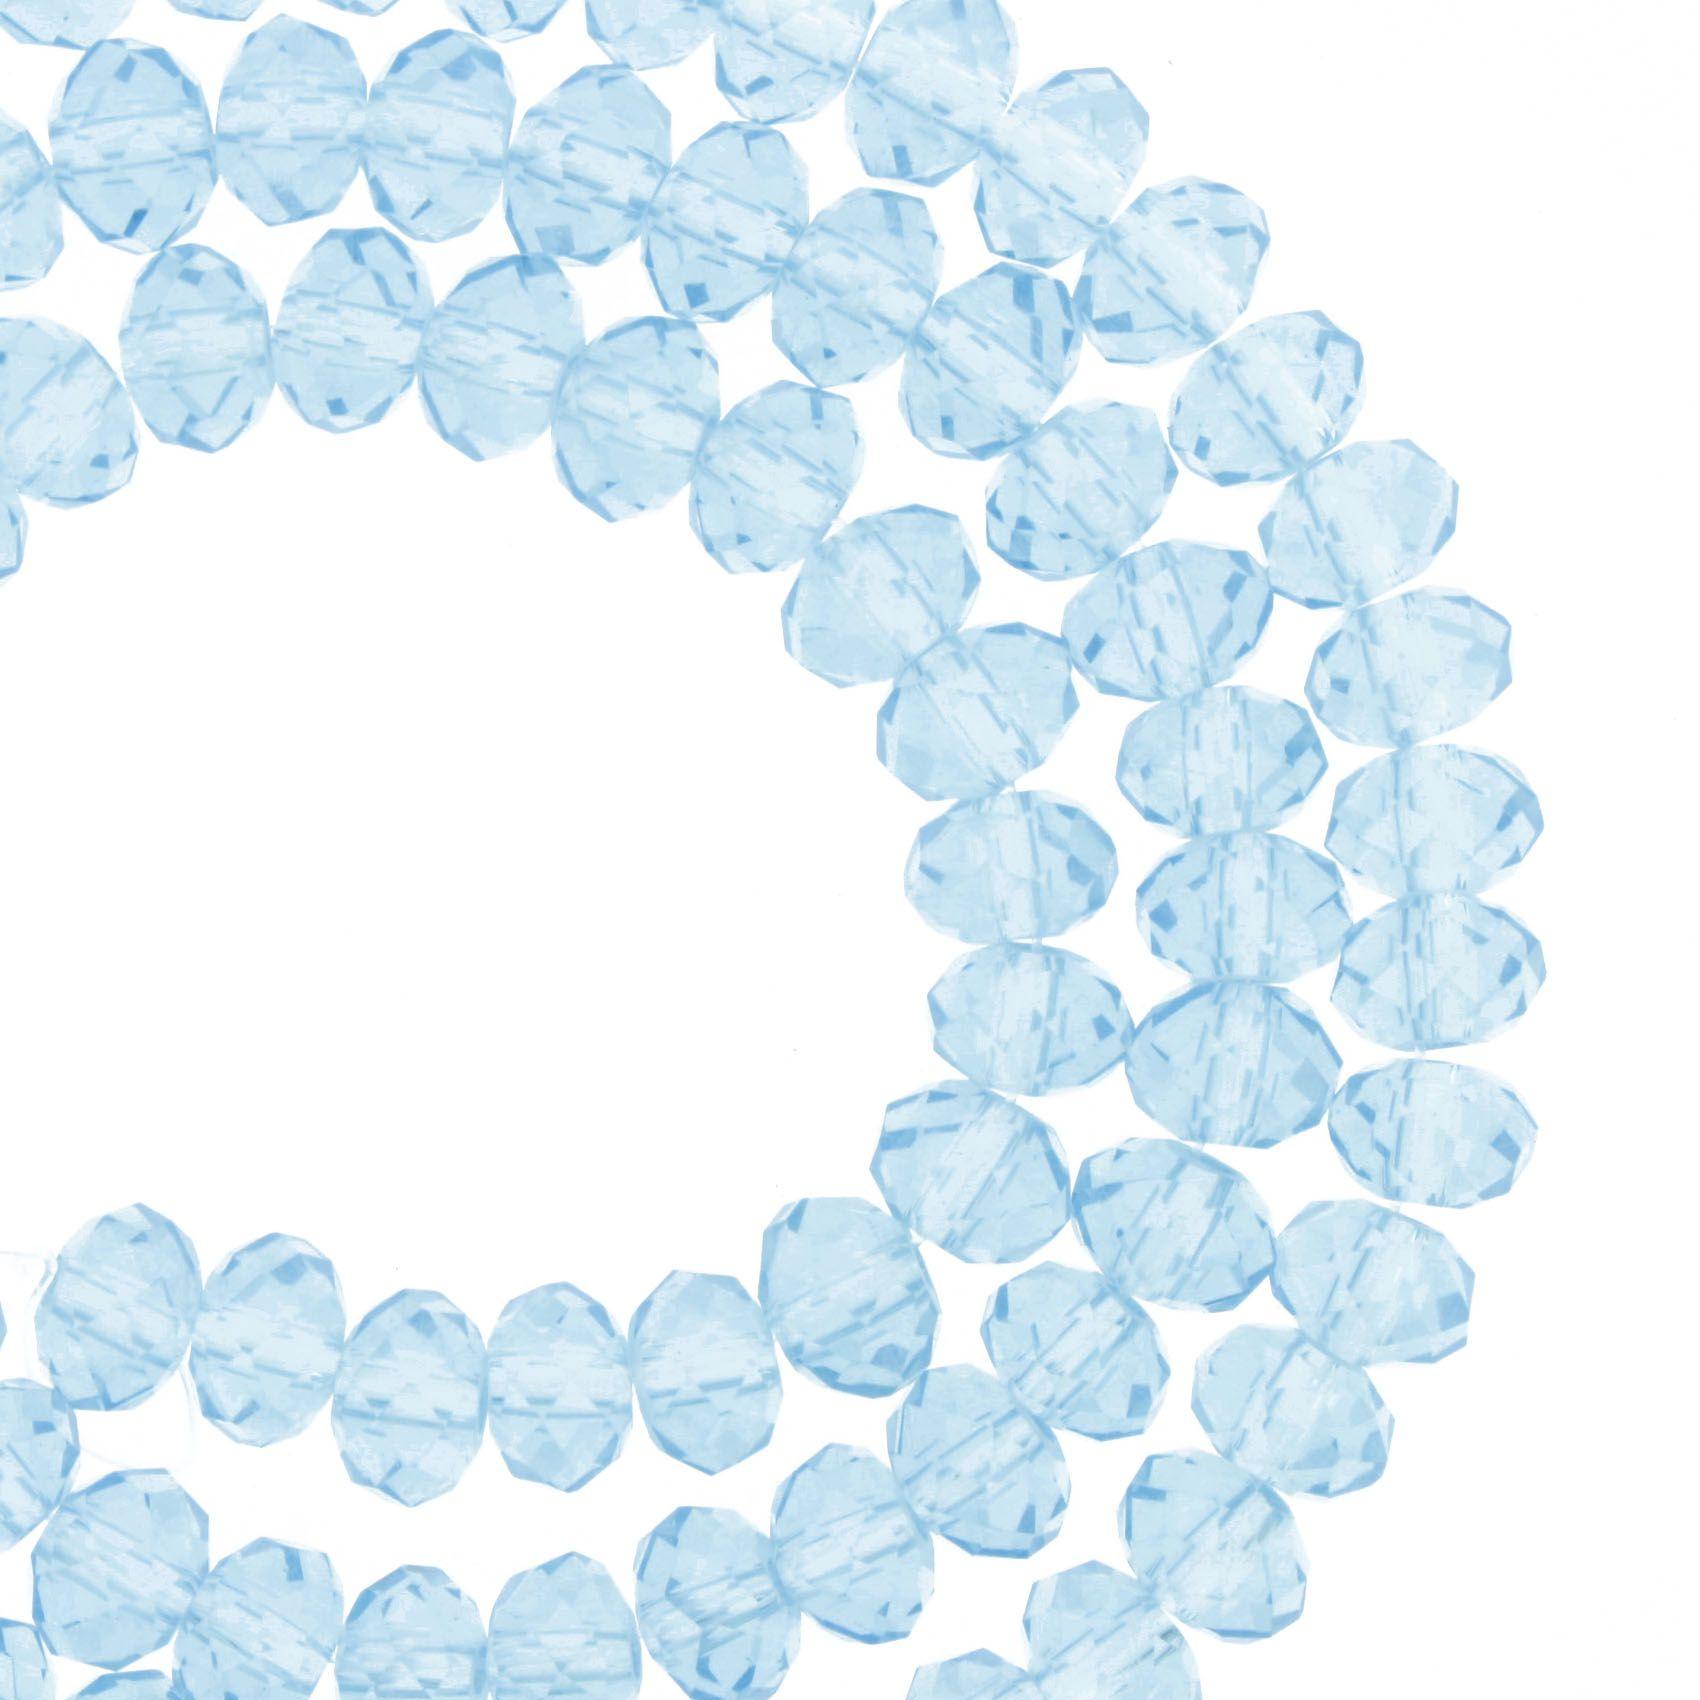 Fio de Cristal - Flat® - Azul Claro Transparente - 6mm  - Stéphanie Bijoux® - Peças para Bijuterias e Artesanato